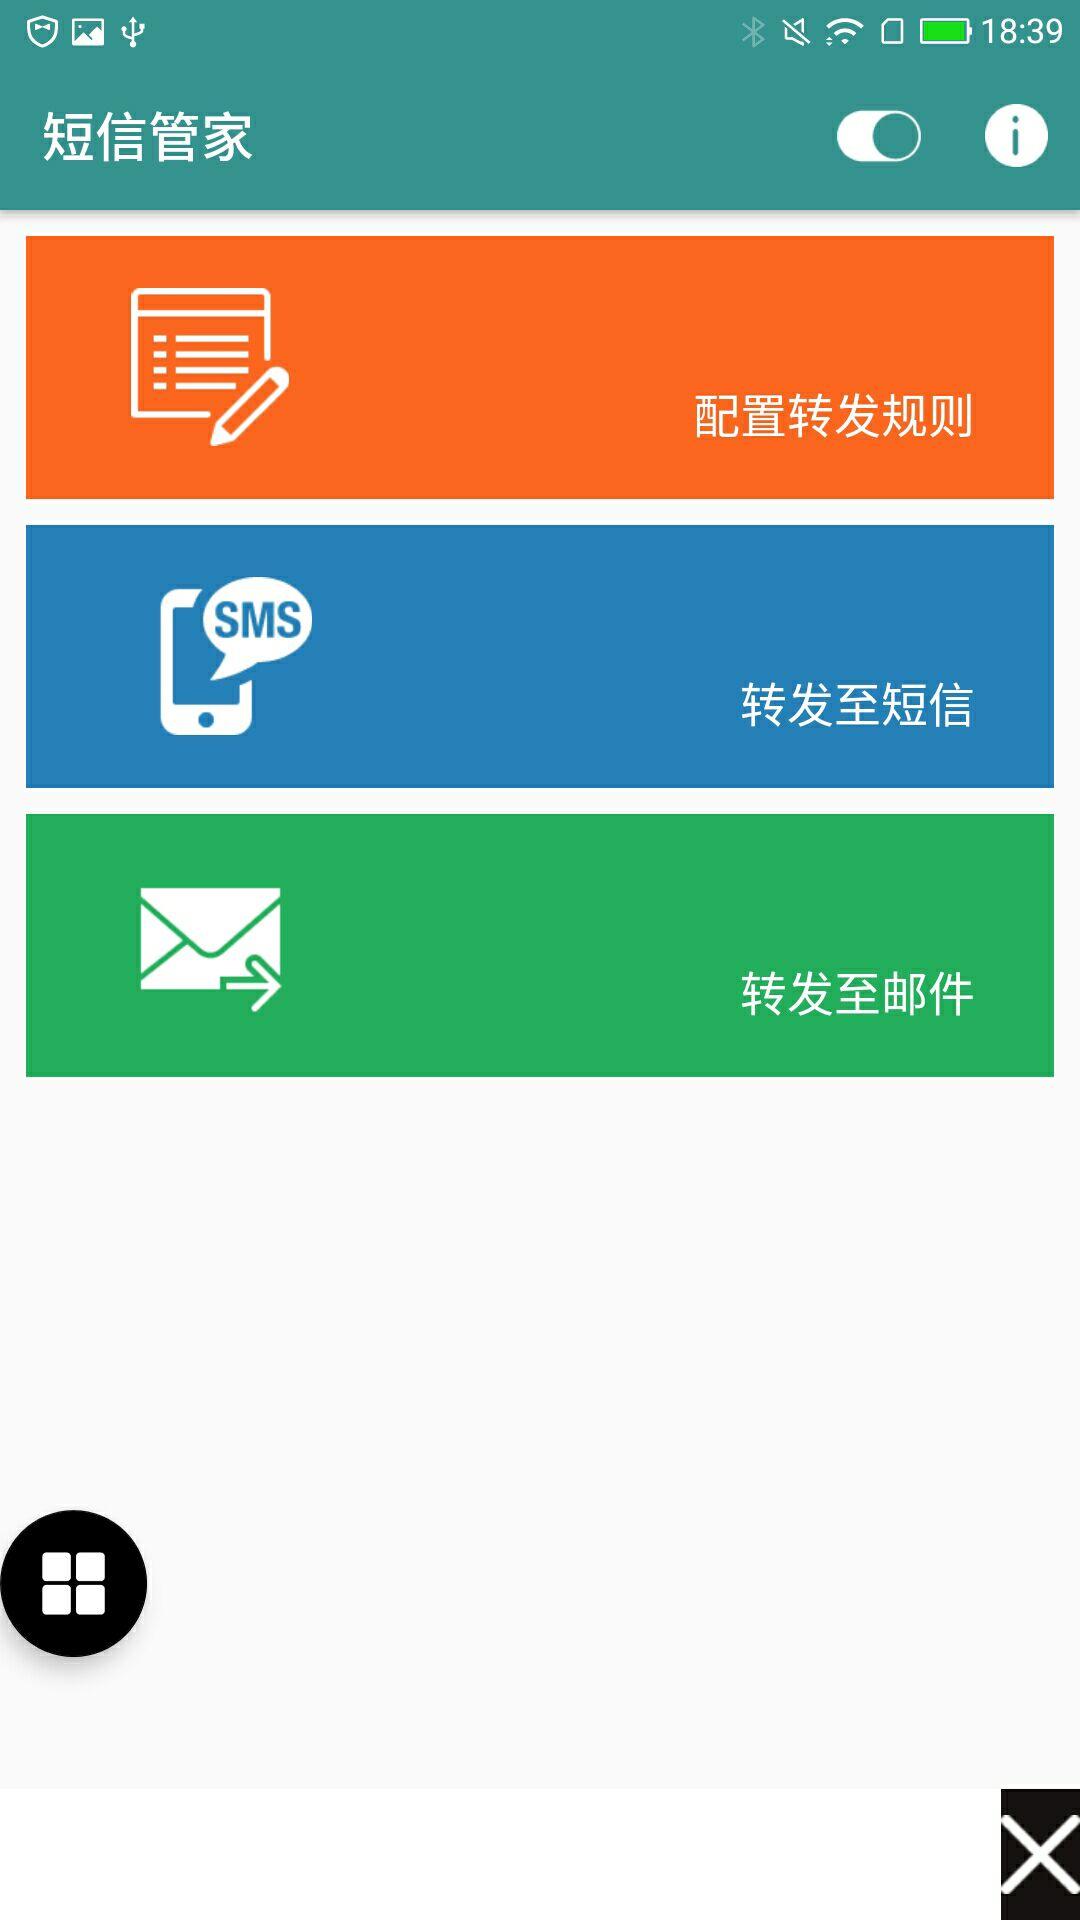 短信管家-应用截图